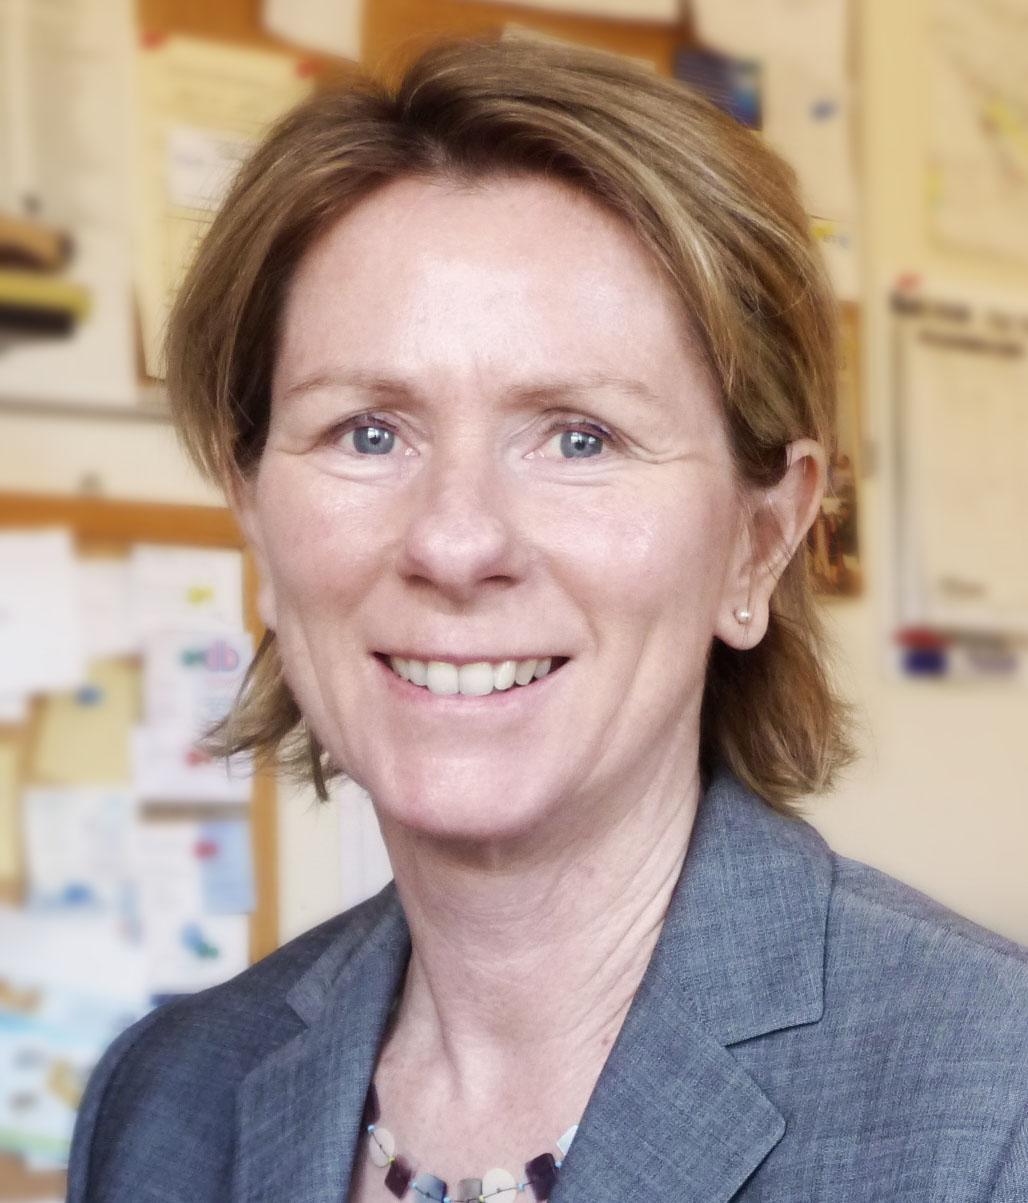 Susannah Seely